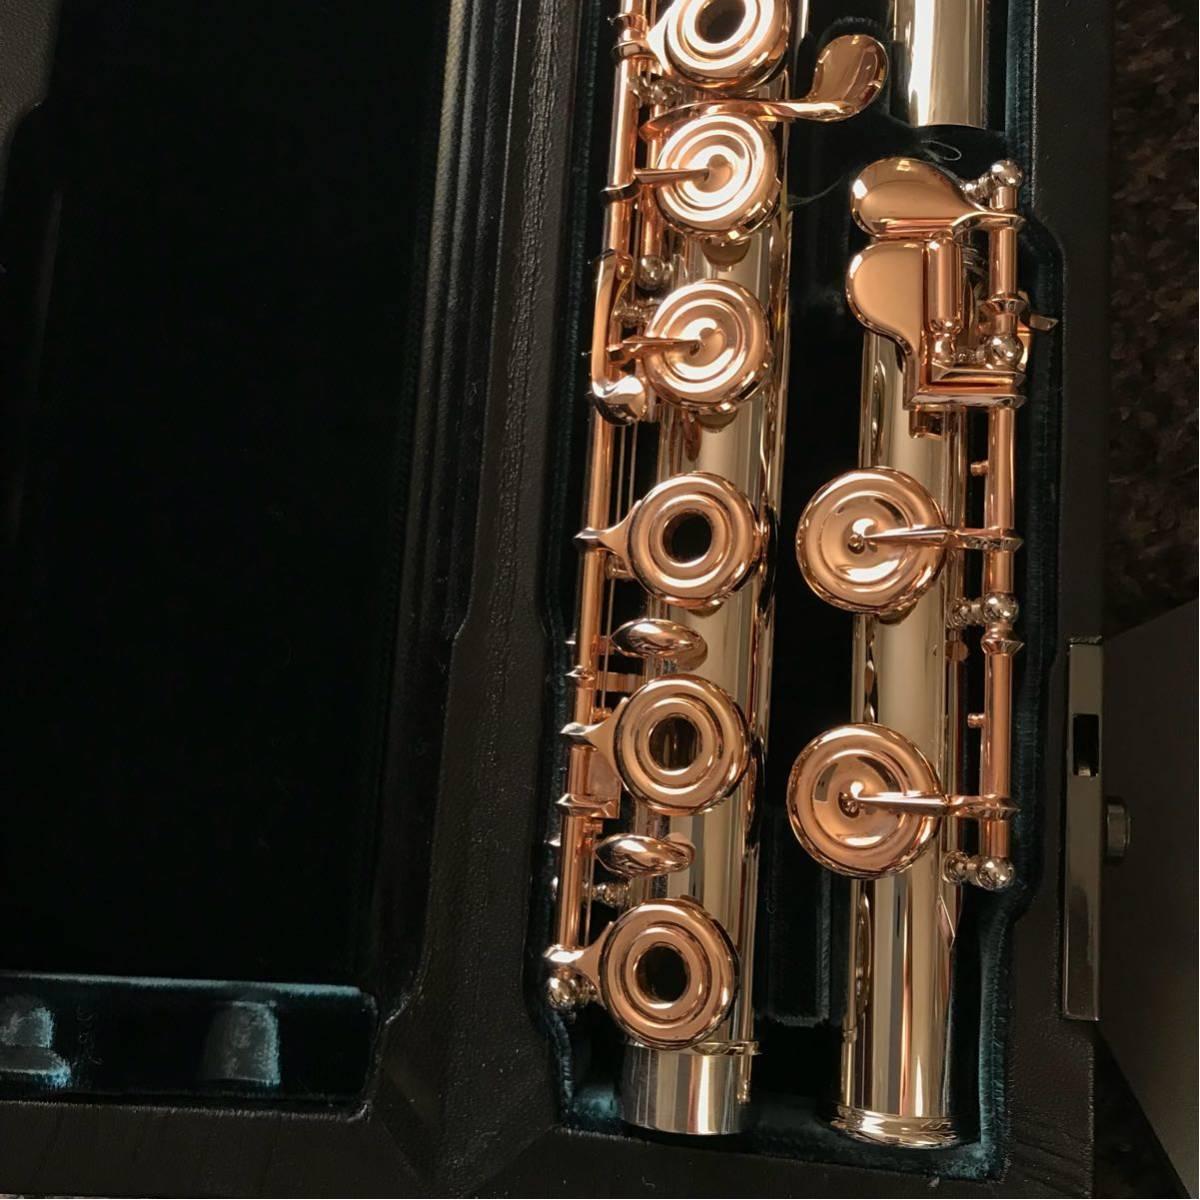 アルタスフルートGPTハンドメイド総銀製プラチナコーティングモデル新品同様美品安心のデニス・ブリアコフ氏選定品_画像3